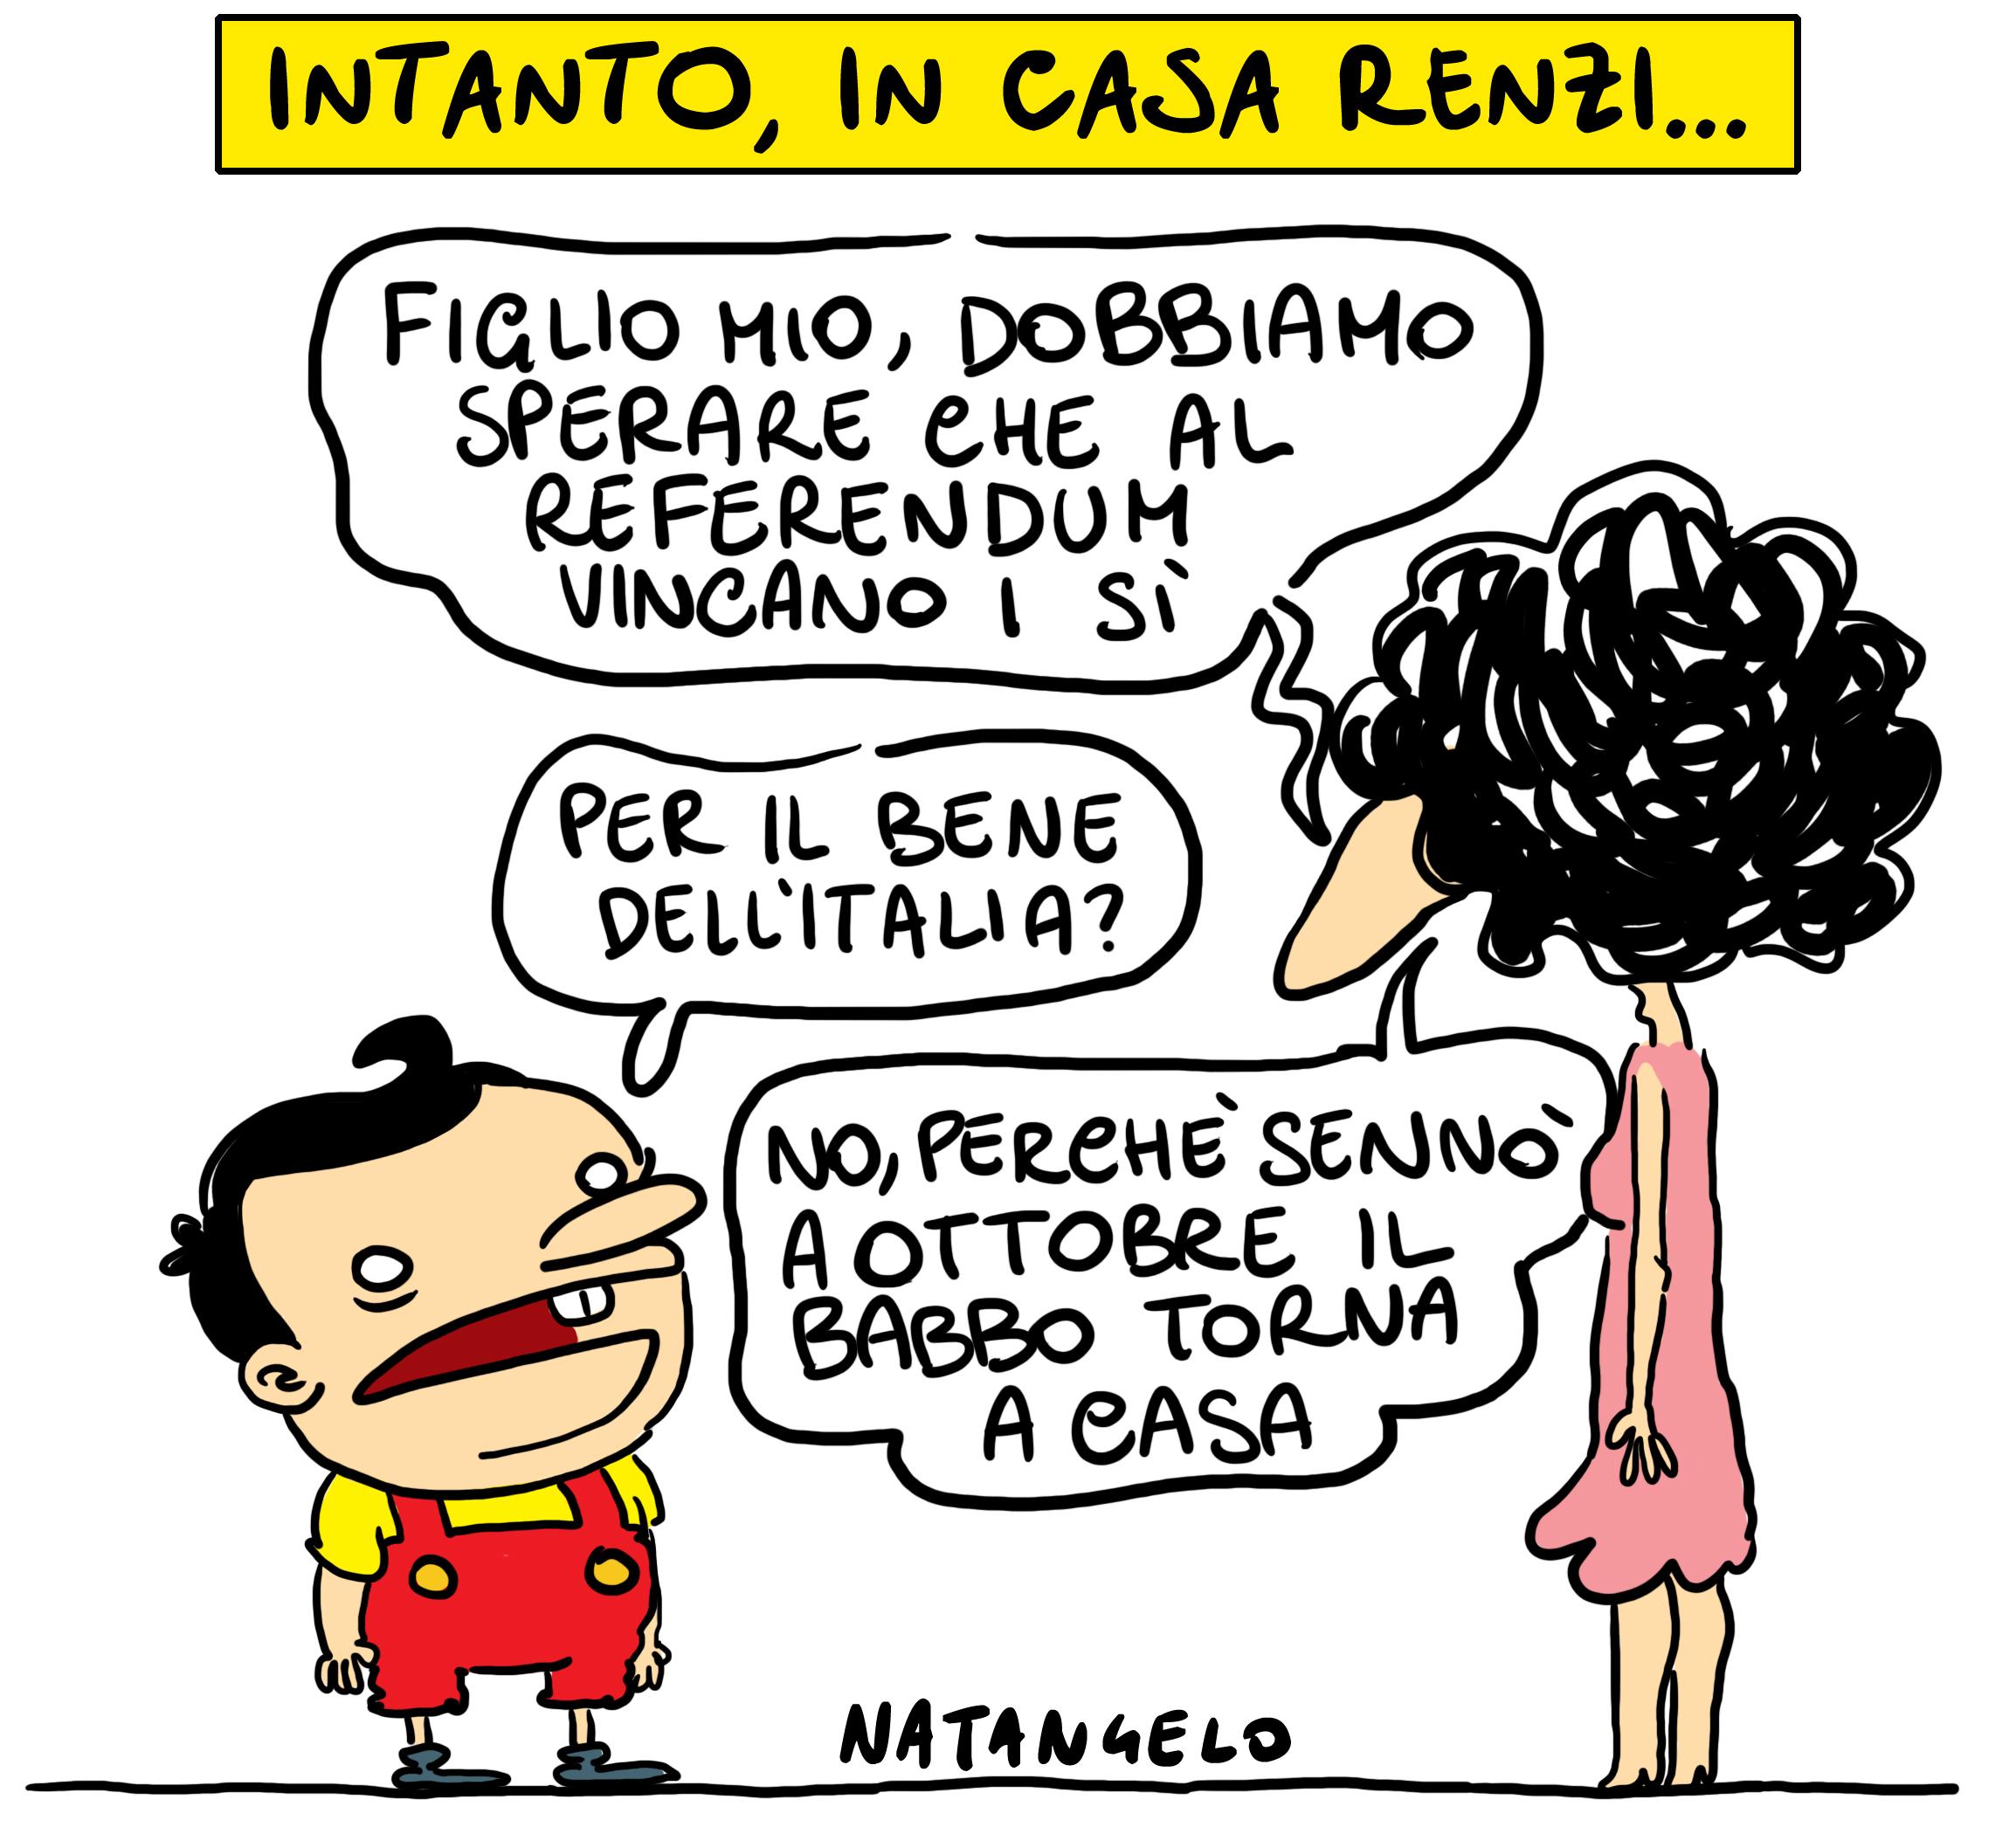 Vado a casa – da il fatto quotidiano – www.natangelo.it # referendum